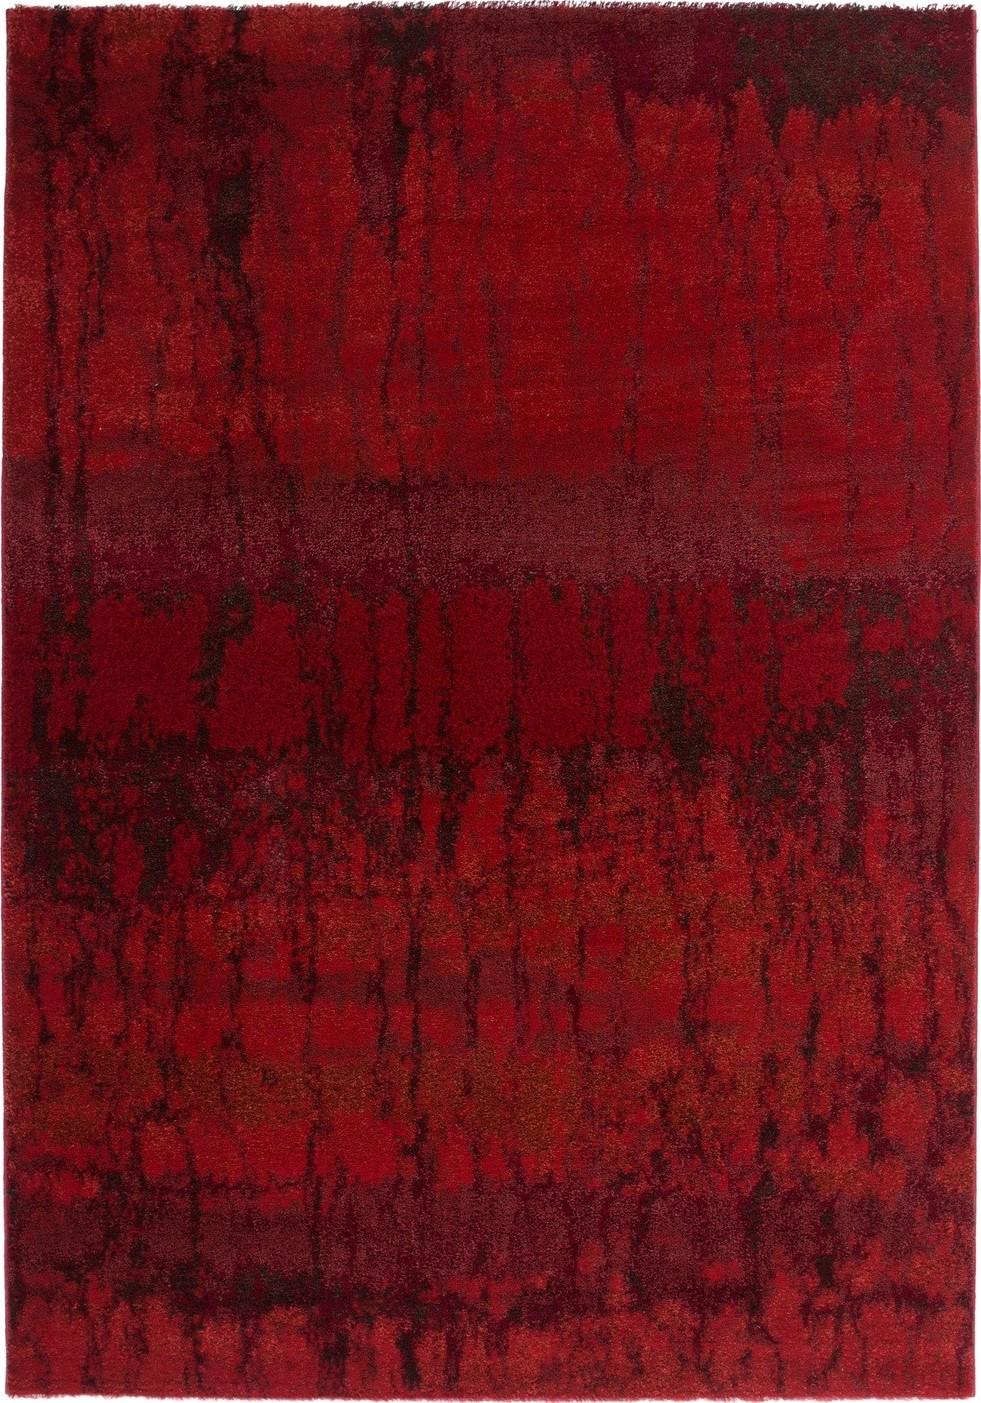 d coration tapis salon rouge 29 orleans ikea tapis salon beige tapis salon pas cher. Black Bedroom Furniture Sets. Home Design Ideas